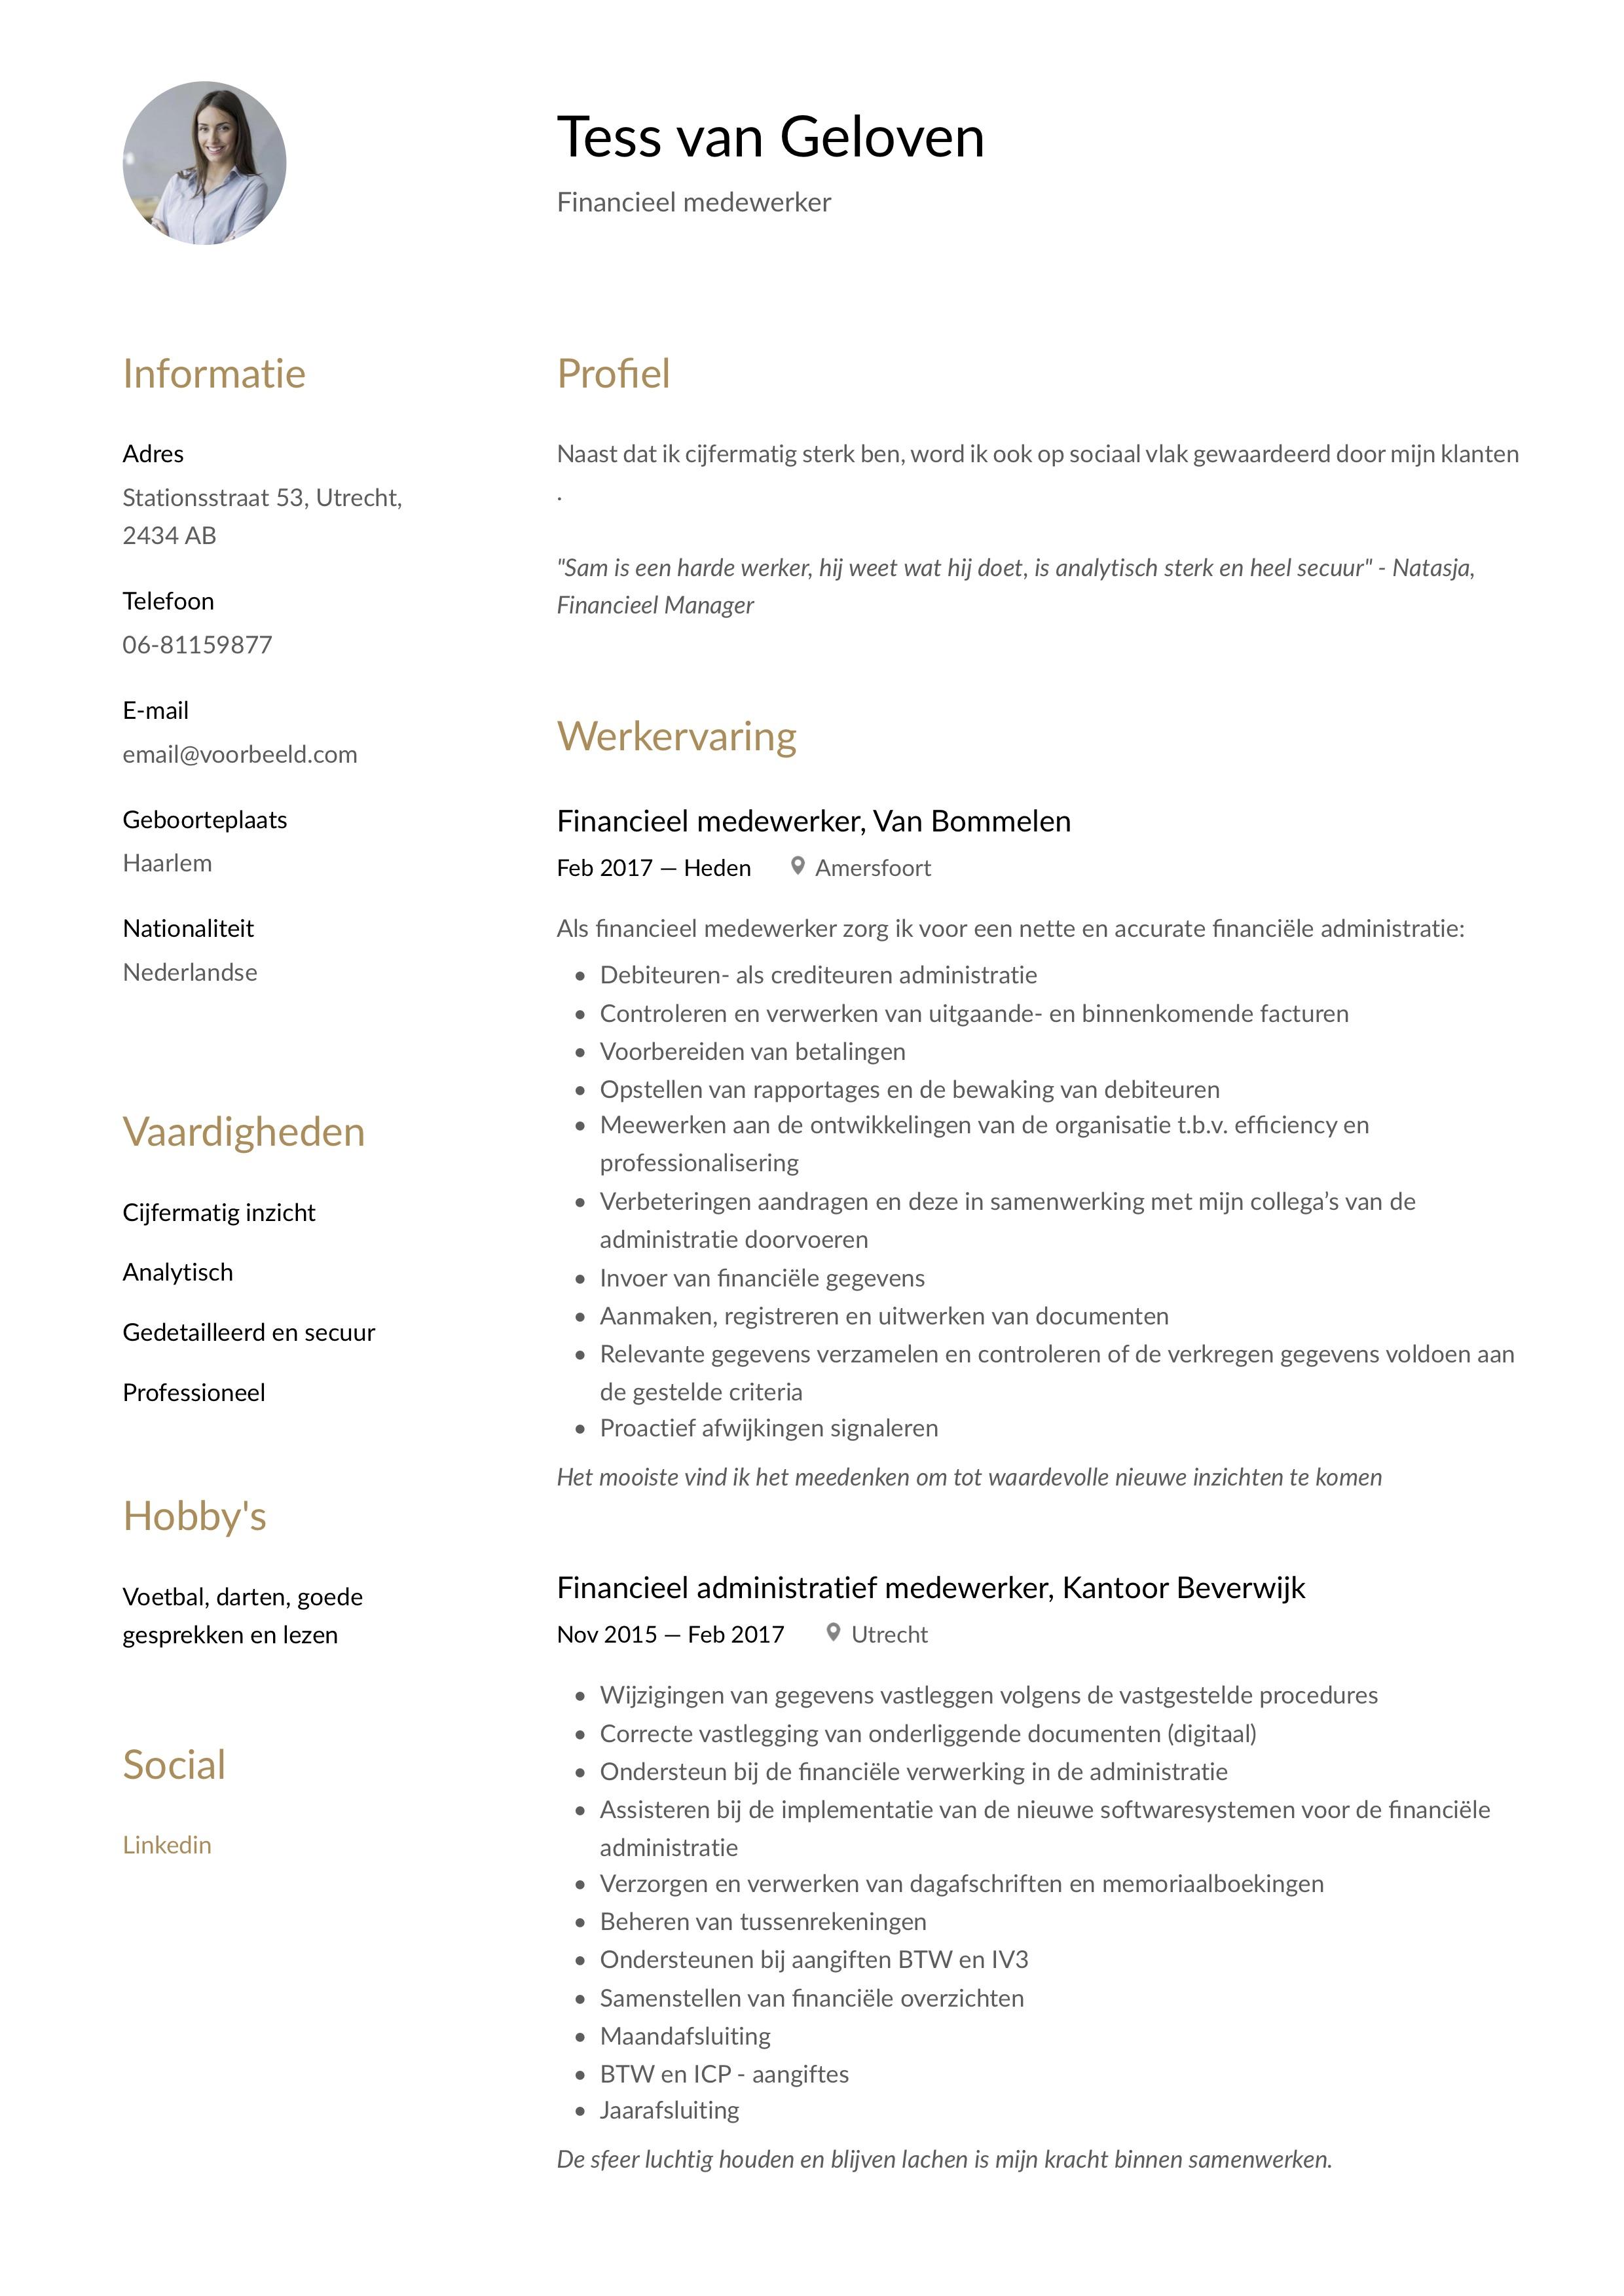 CV Voorbeeld Financieel medewerker